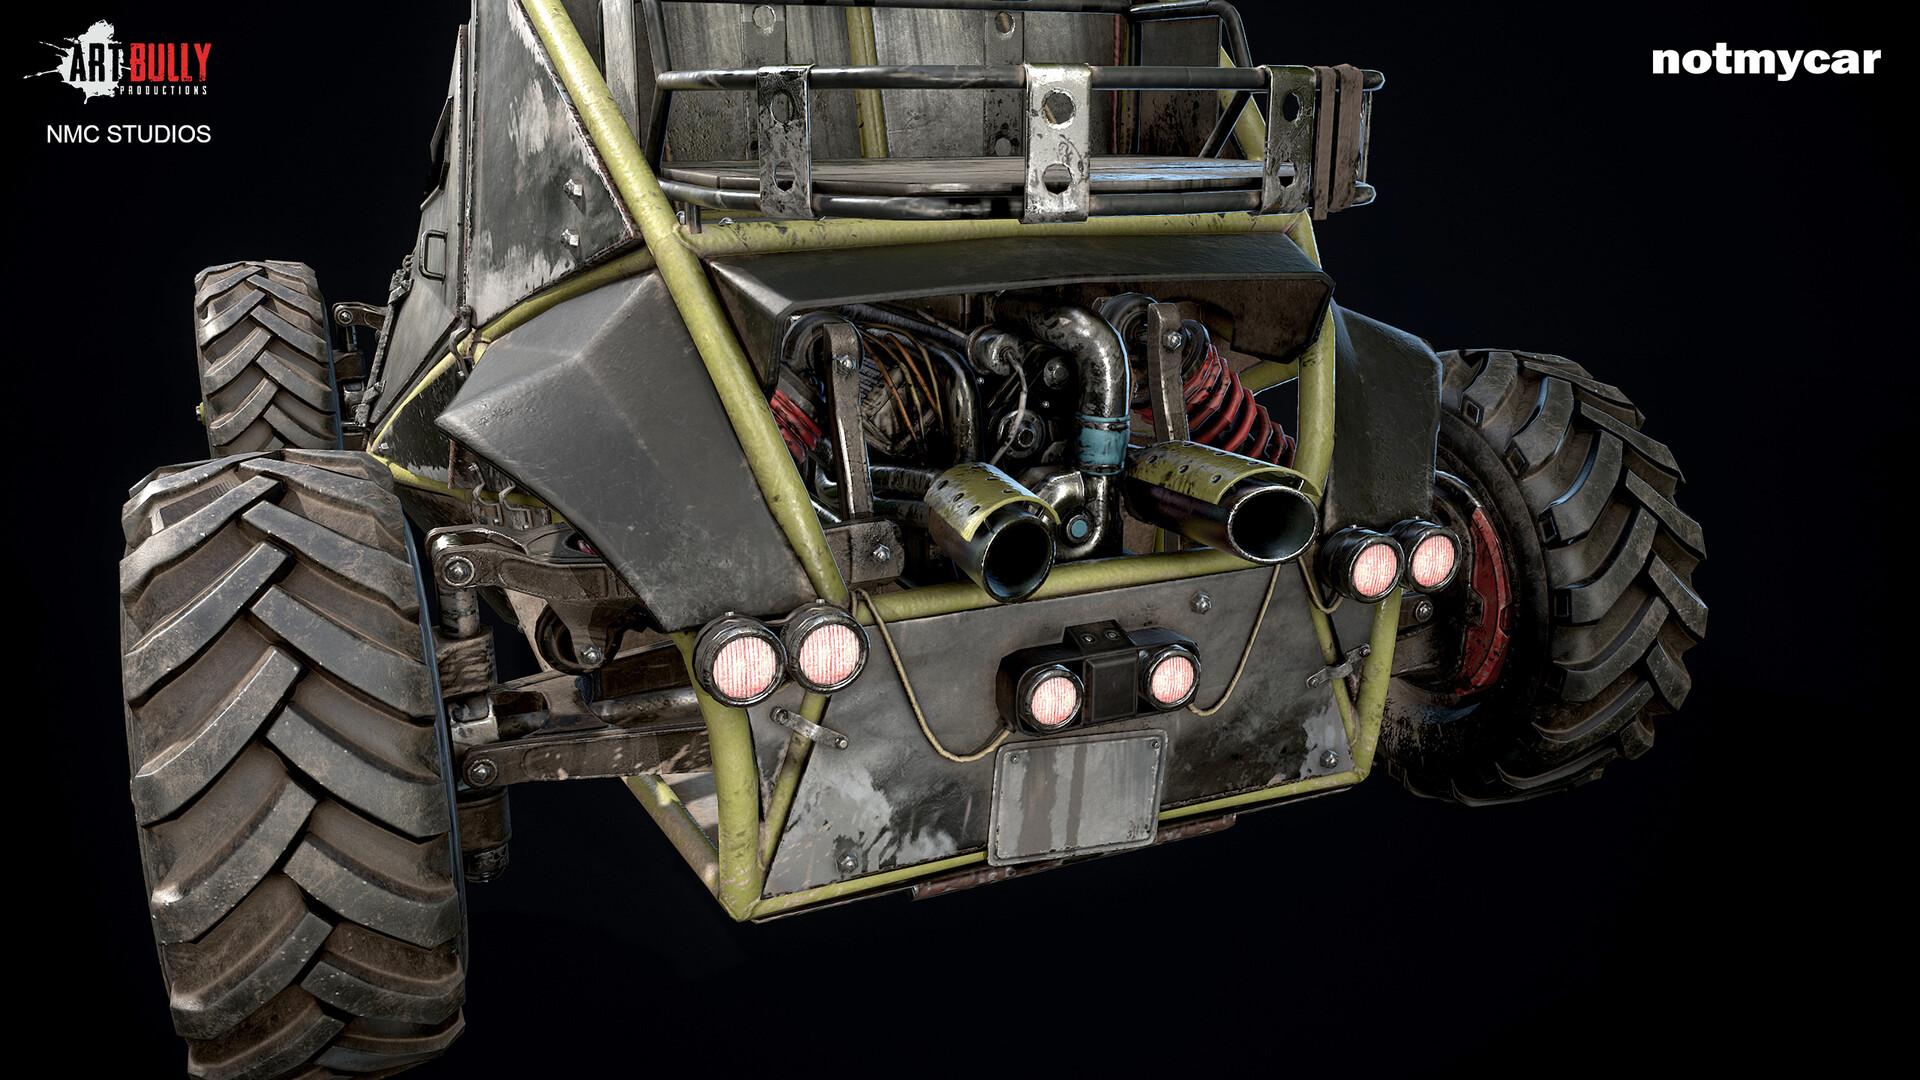 Patrick nuckels notmycar buggy 06